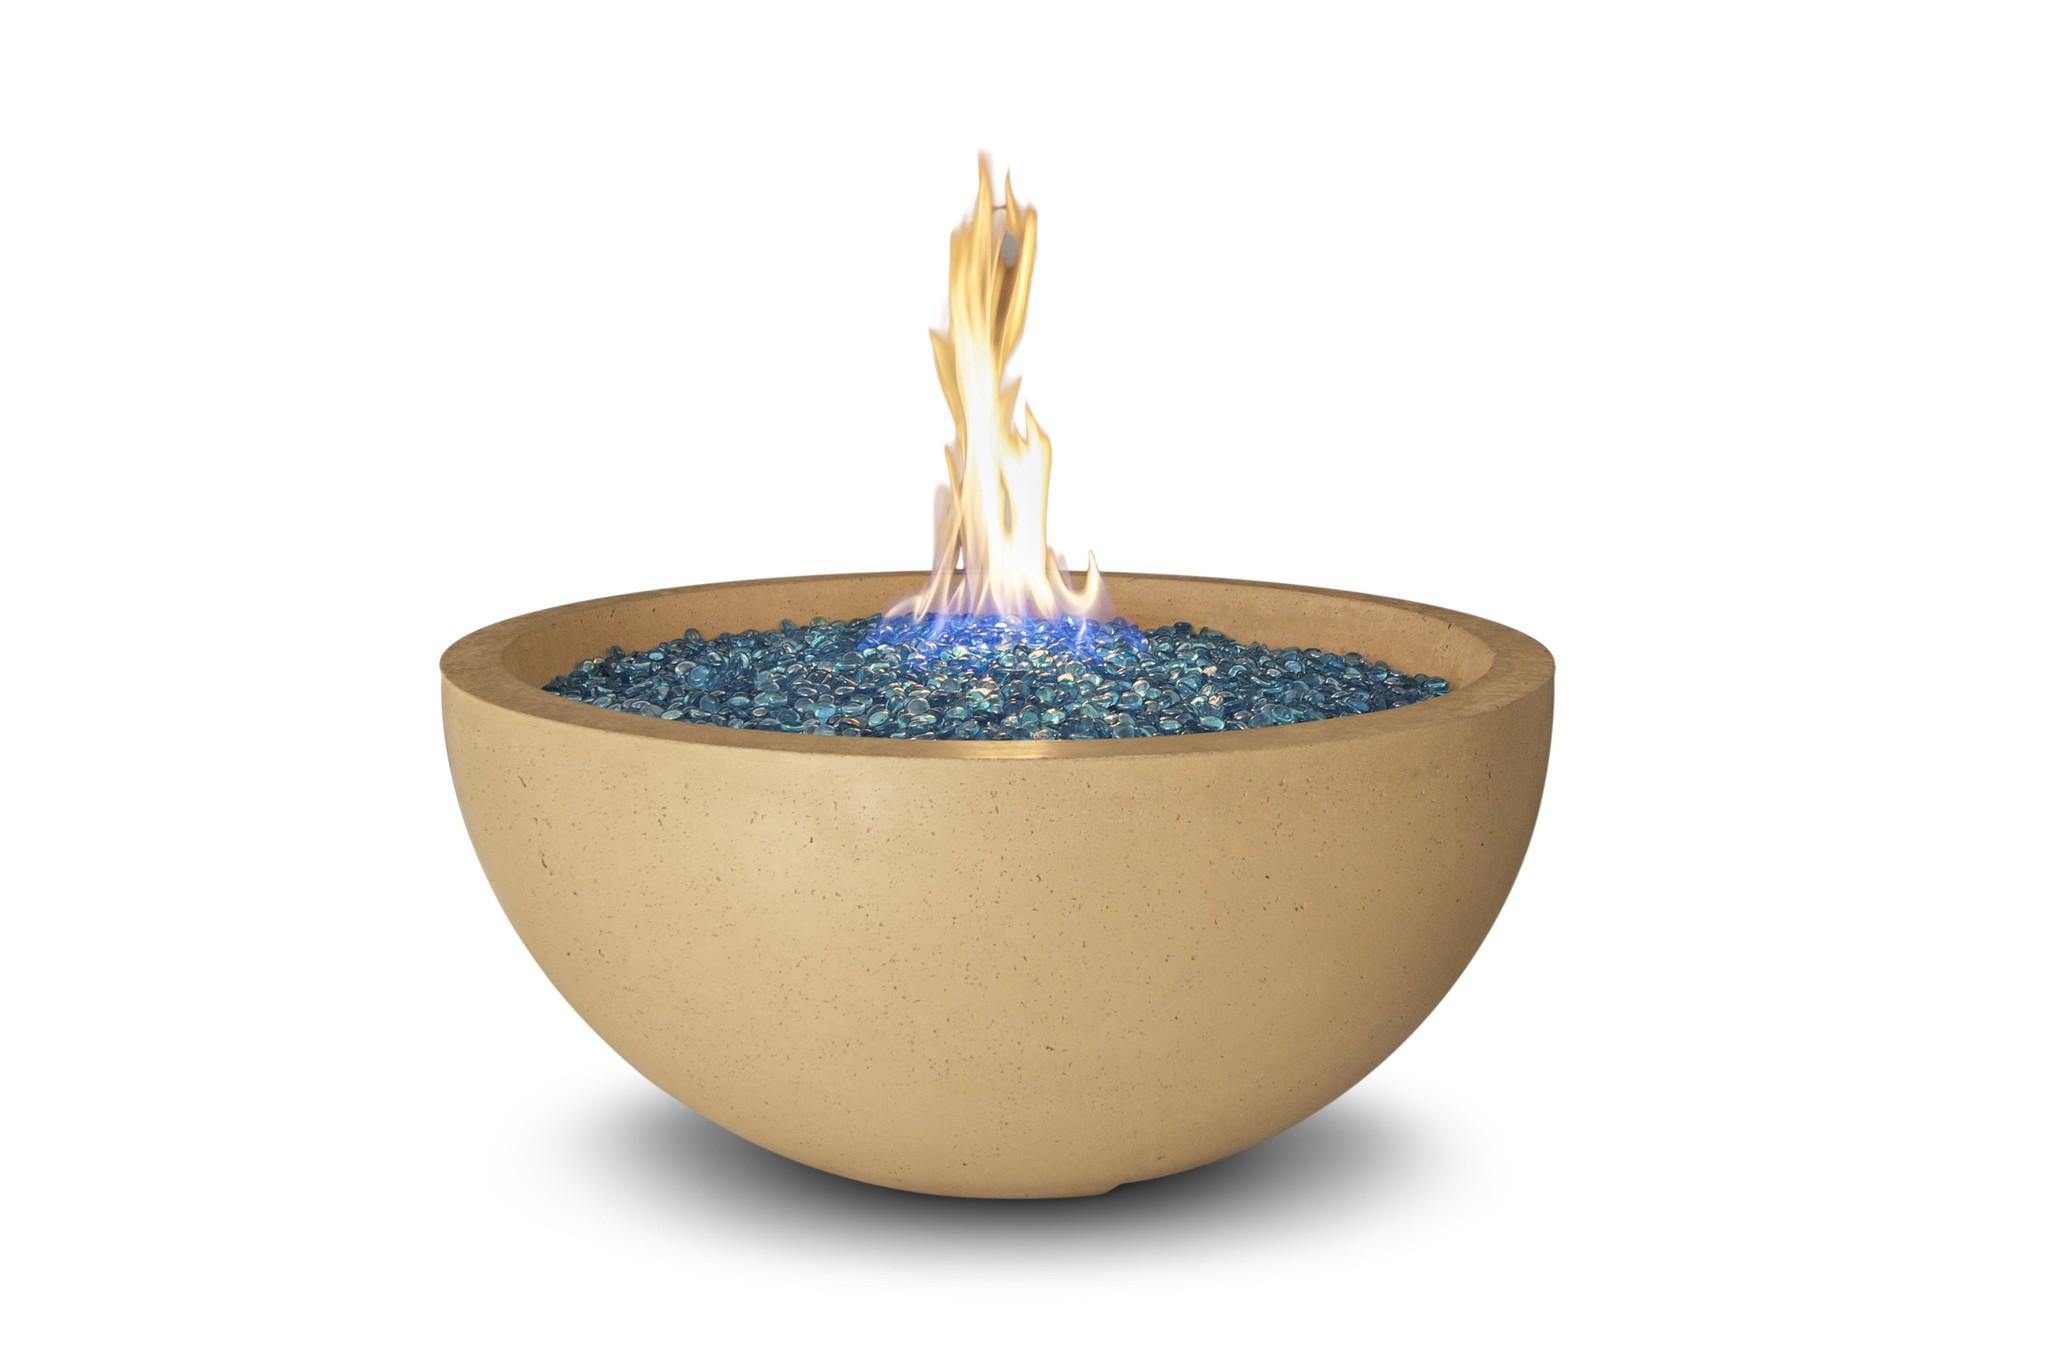 36 Quot Fire Bowl Hauser S Patio